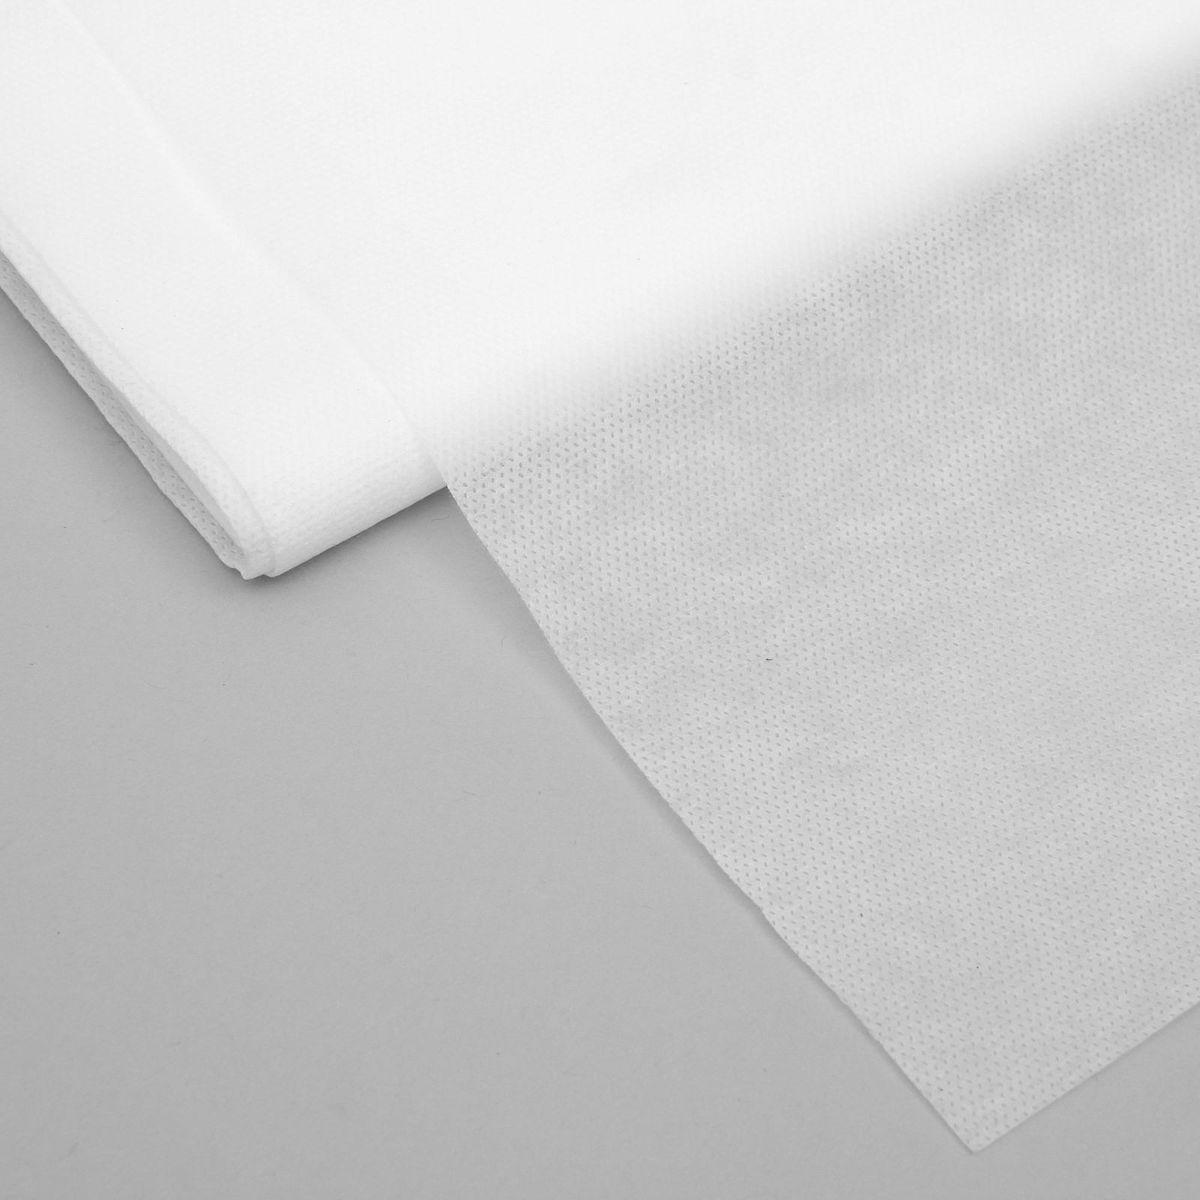 Материал укрывной Агротекс, цвет: белый, 5 х 3,2 м. 20750892075089Укрывной материал Агротекс предназначен для укрытия сельскохозяйственных культур на грядках с дугами или без. При этом побеги не повреждаются по мере развития: они приподнимают материал и растут свободно. Полотно не образует конденсата, пропускает до 90 % света и поддерживает оптимальный воздухо- и водообмен.Защищает от: -заморозков; br> -перегрева; -ультрафиолетовых лучей; -насекомых, вредителей; -сильного ветра; -осадков.Плотность: 17 г/м2.